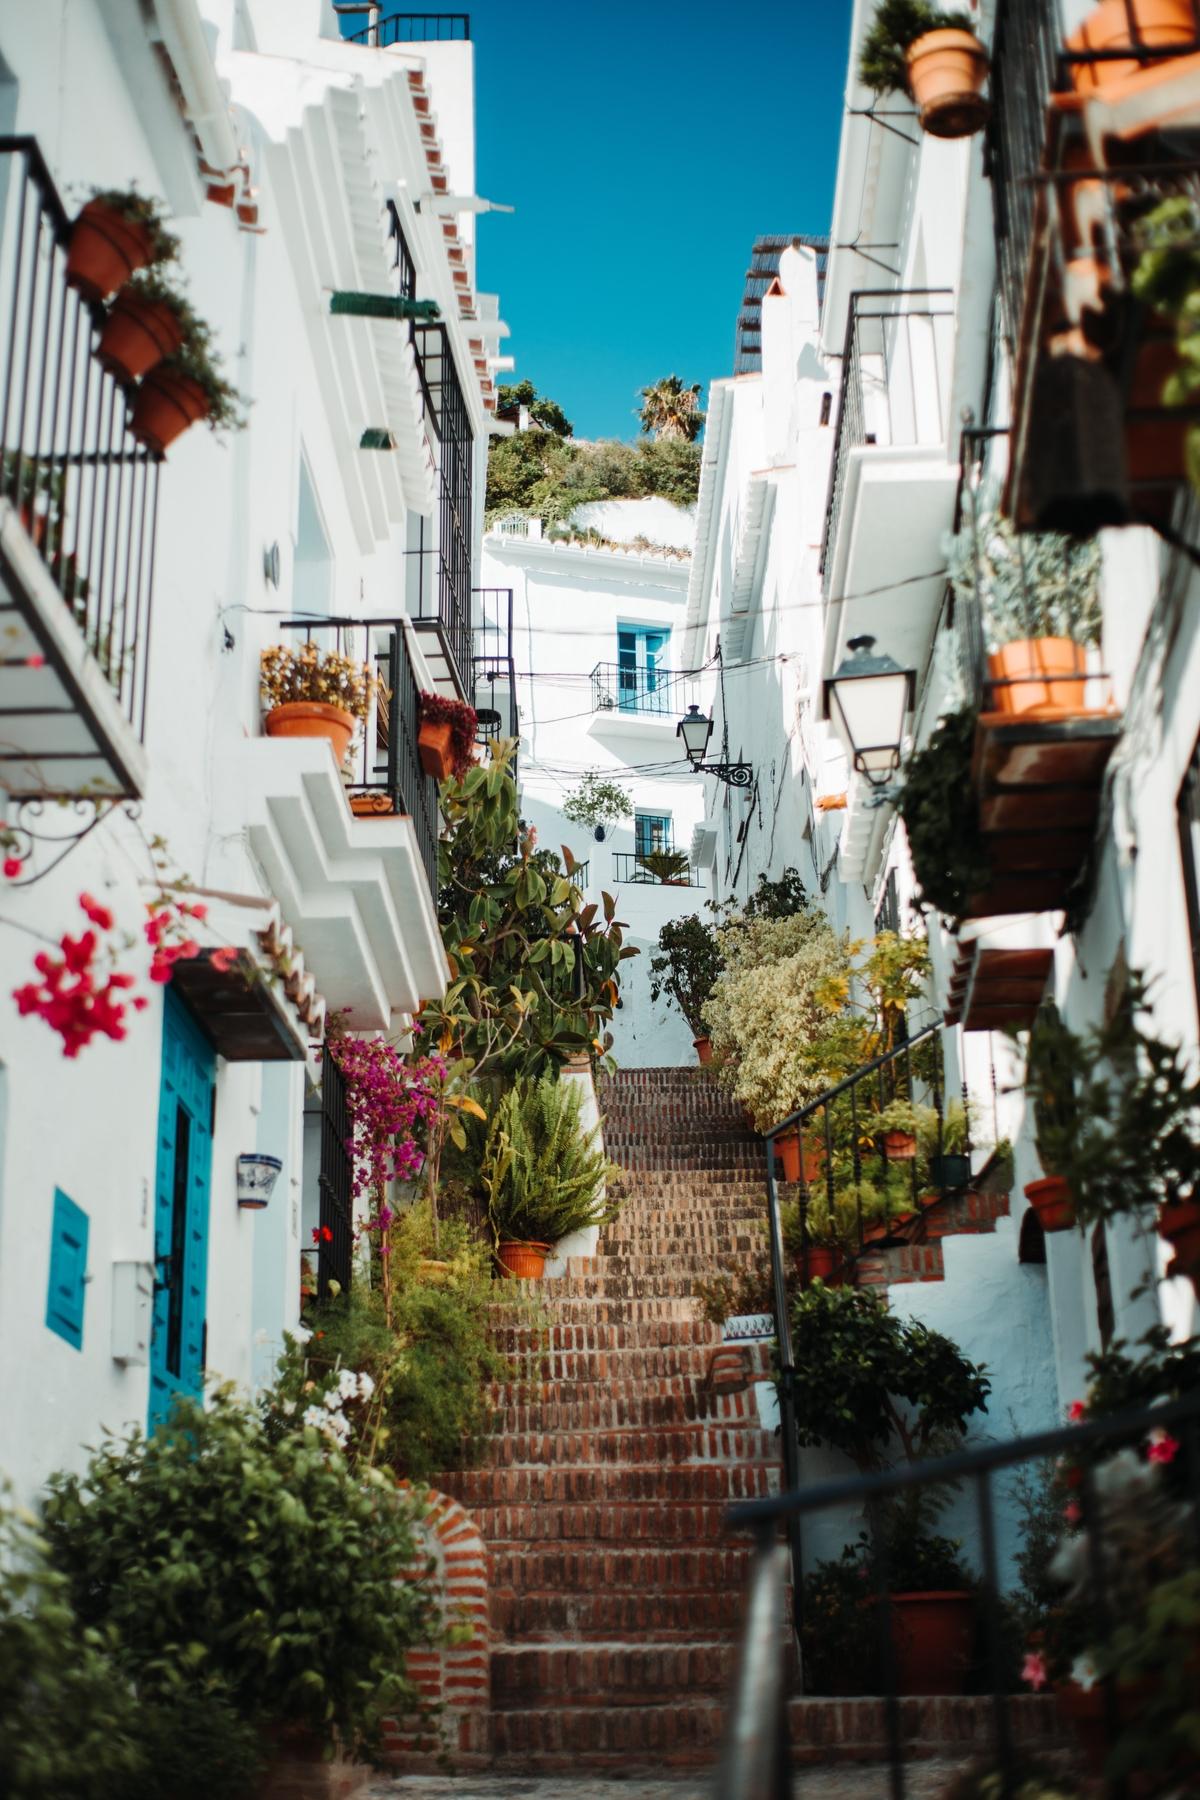 Las idílicas calles de Frigiliana son una de las estampas imperdibles de la provincia de Málaga